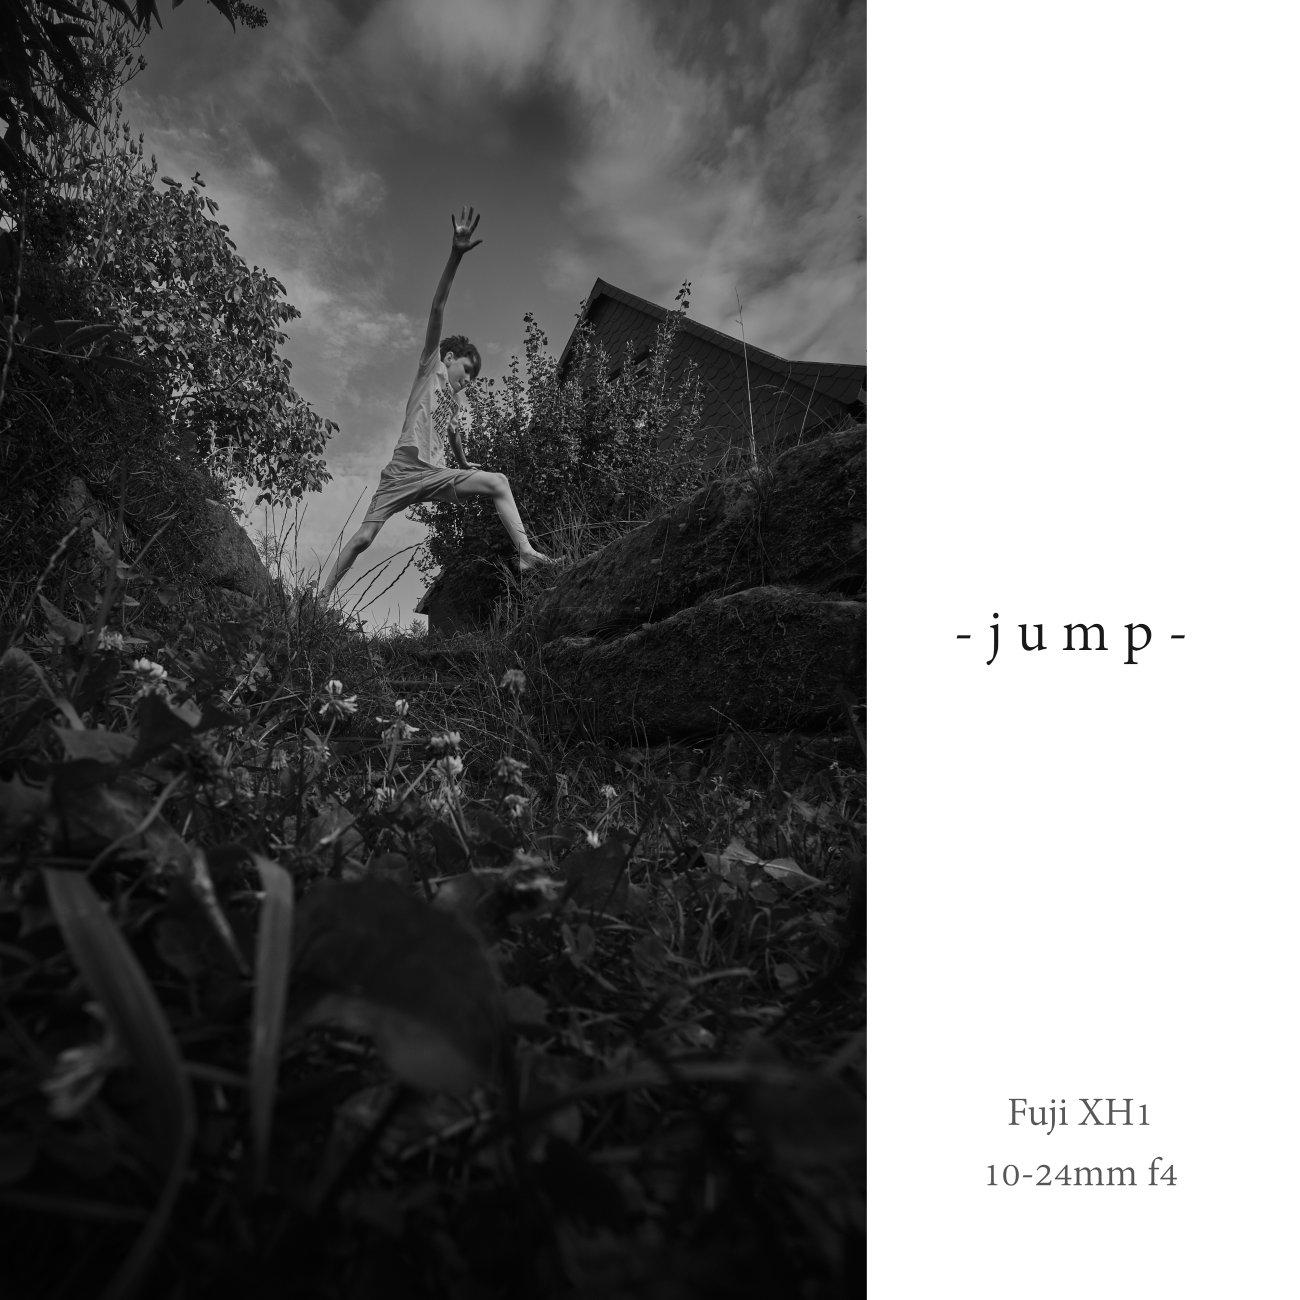 - jump -